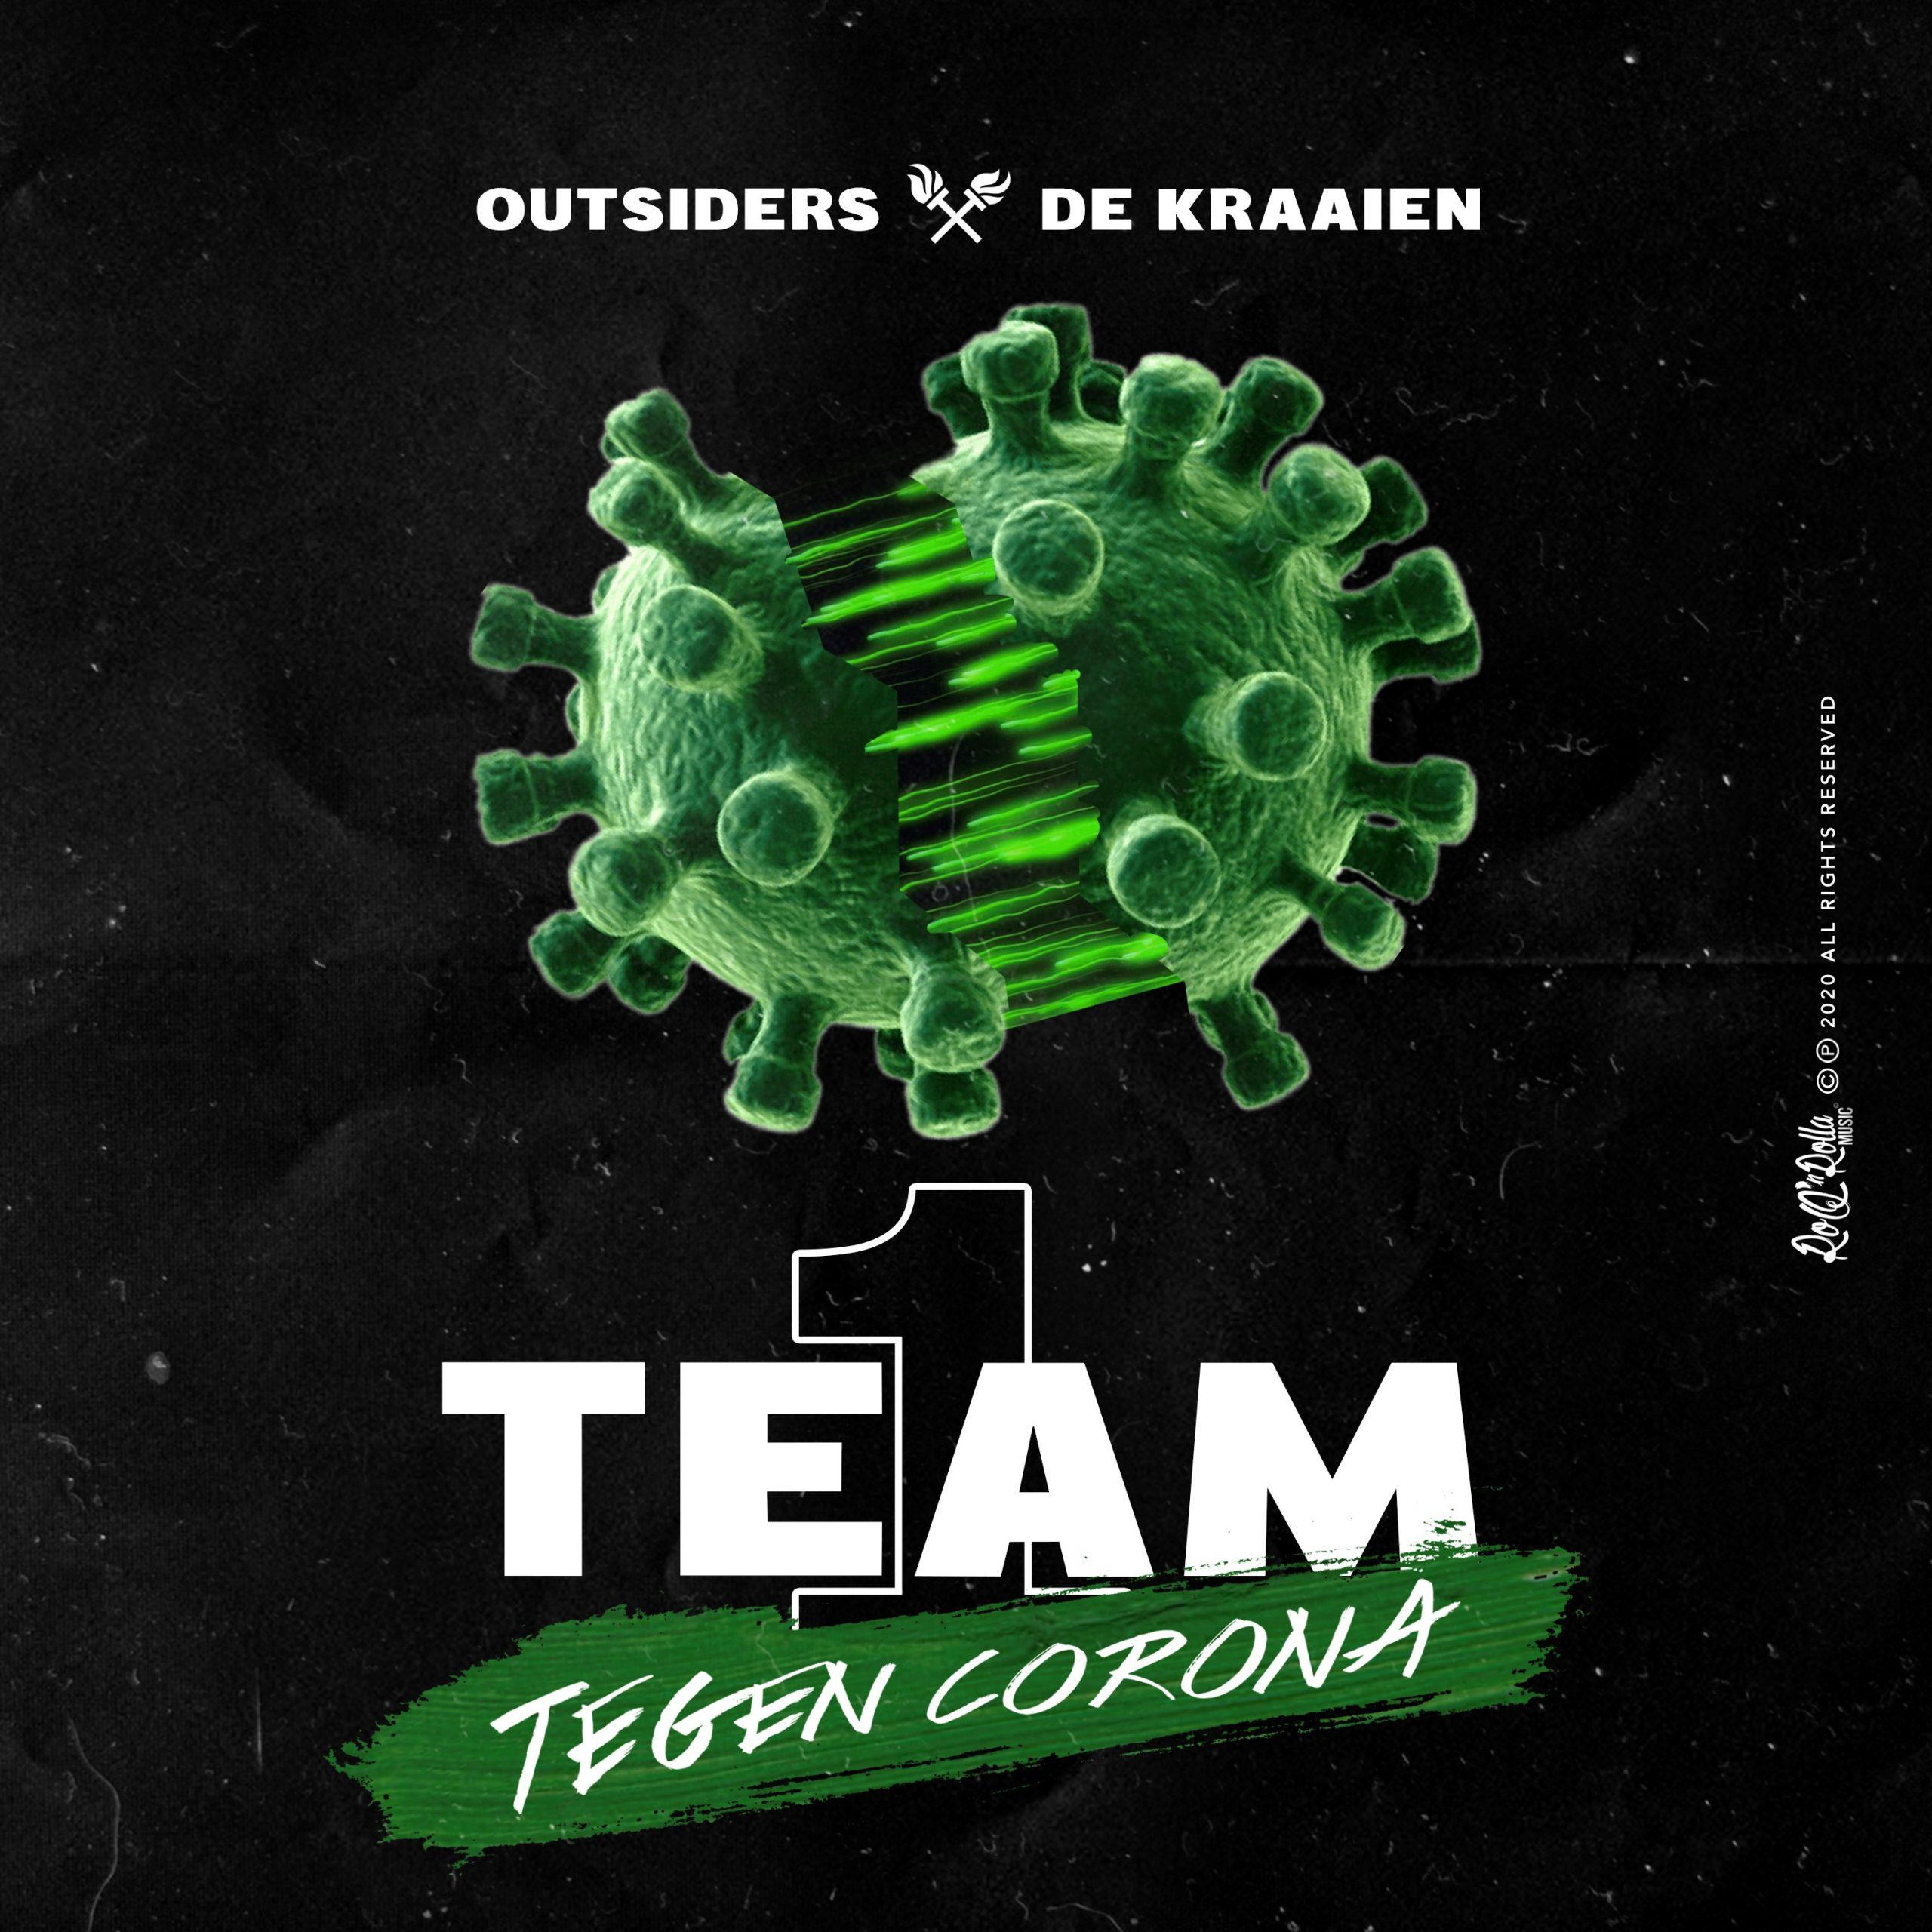 Met '1 Team, 1 Taak' verenigen Outsiders en De Kraaien de Lage Landen - Hoes Outsiders De Kraaien 1 Team Tegen Corona scaled